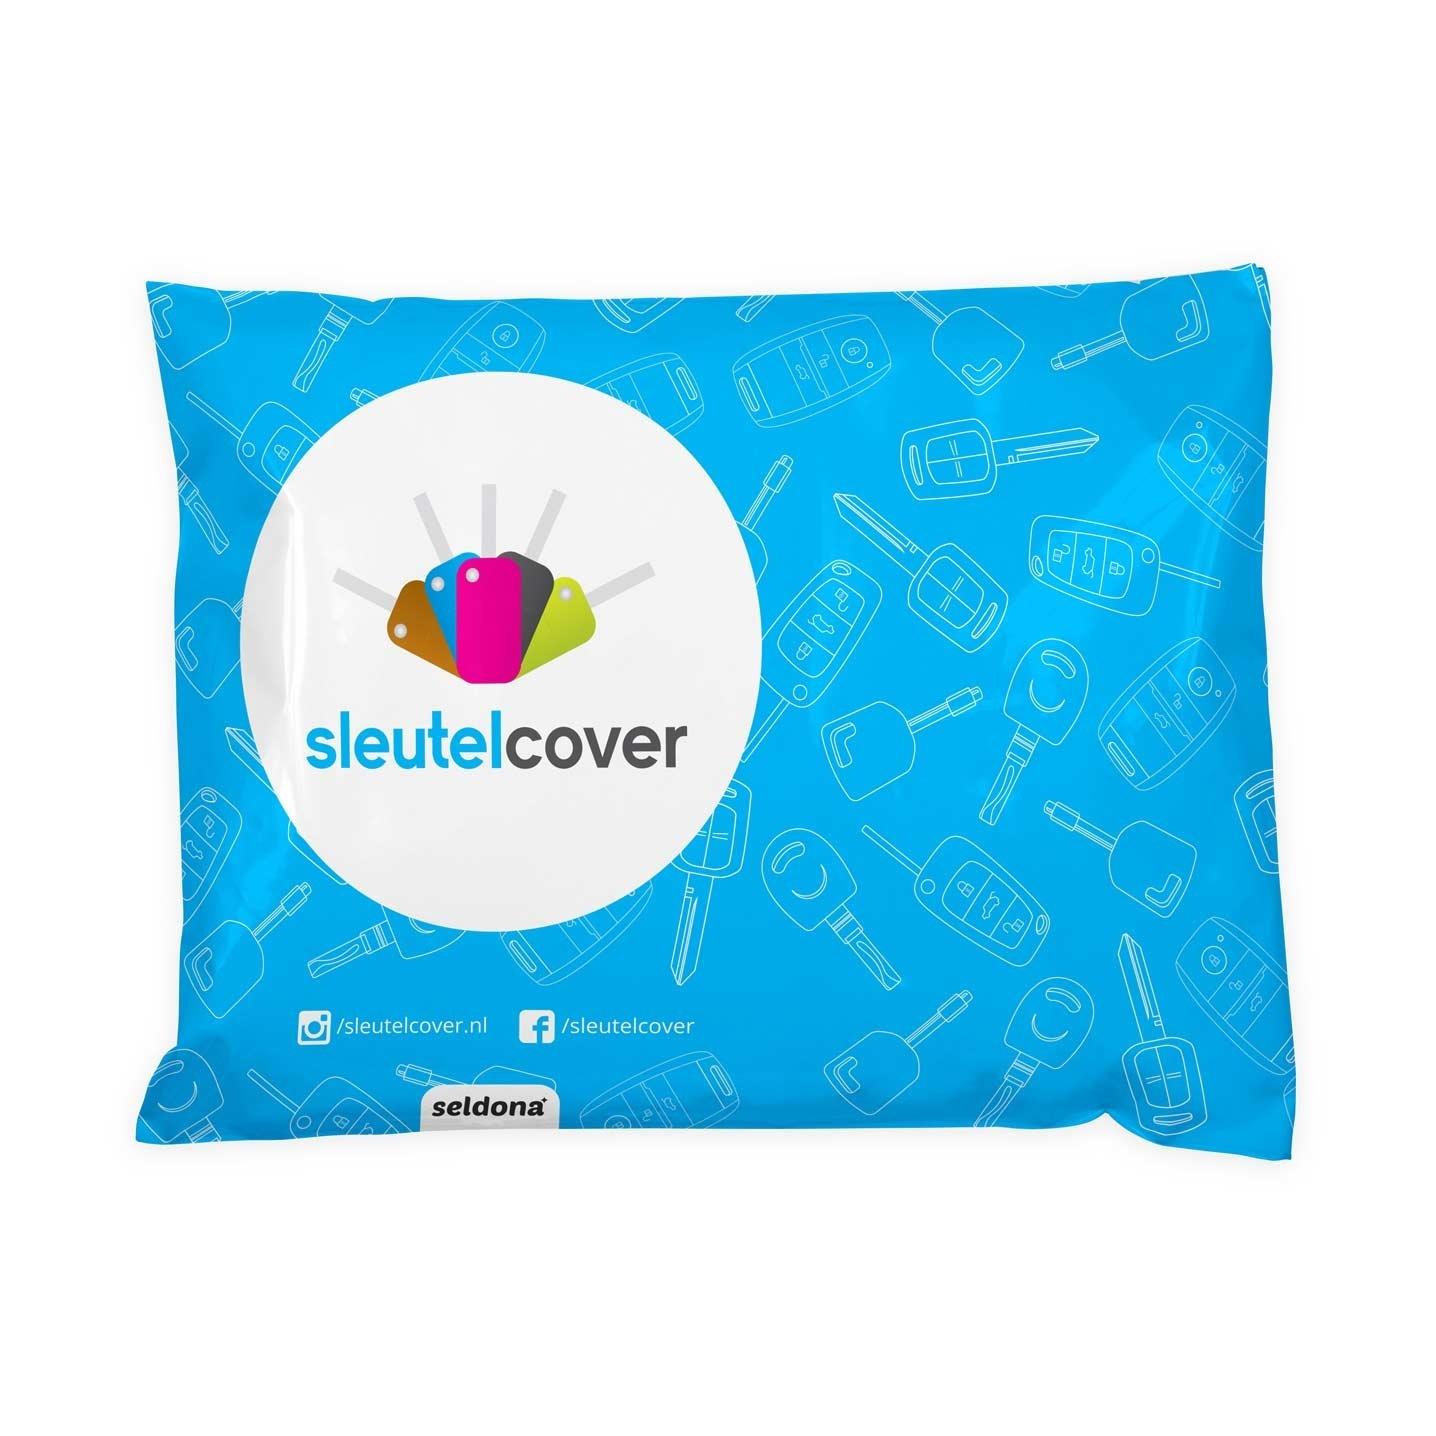 SleutelCover - Zwart / Silicone sleutelhoesje / beschermhoesje autosleutel